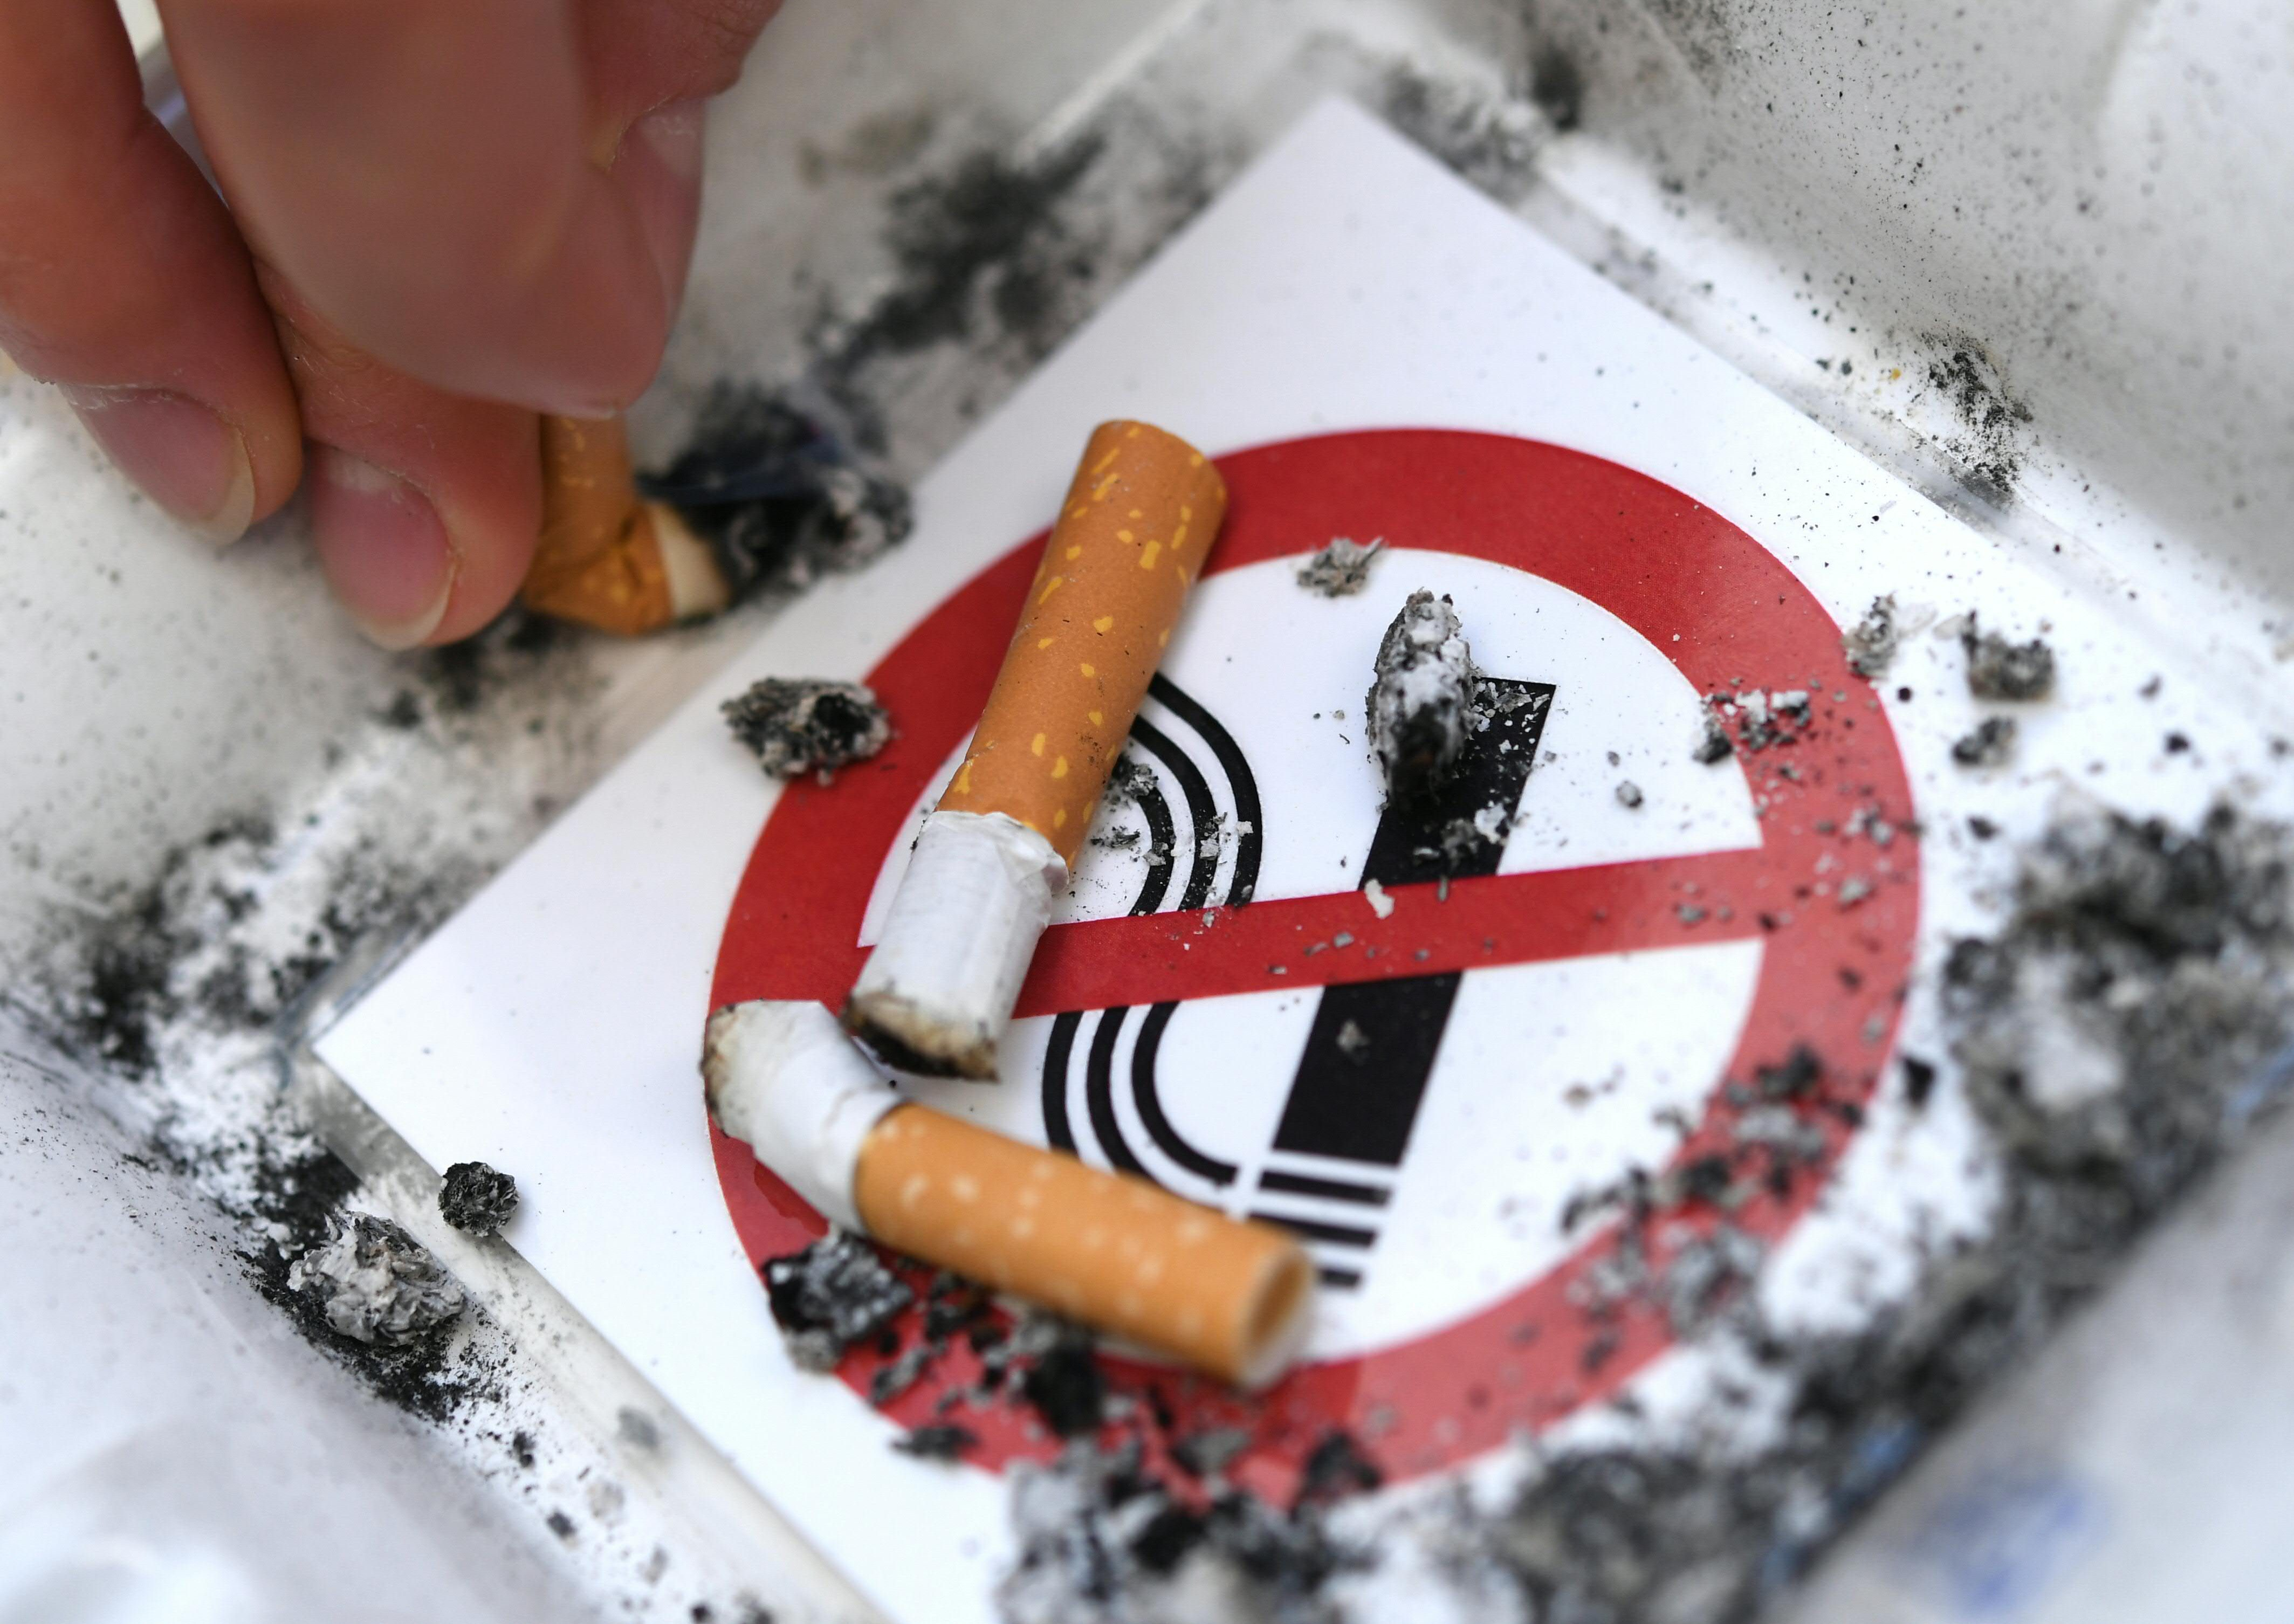 Sinal de proibido de cigarro. Foto de Helmut Fohringer/ AFP